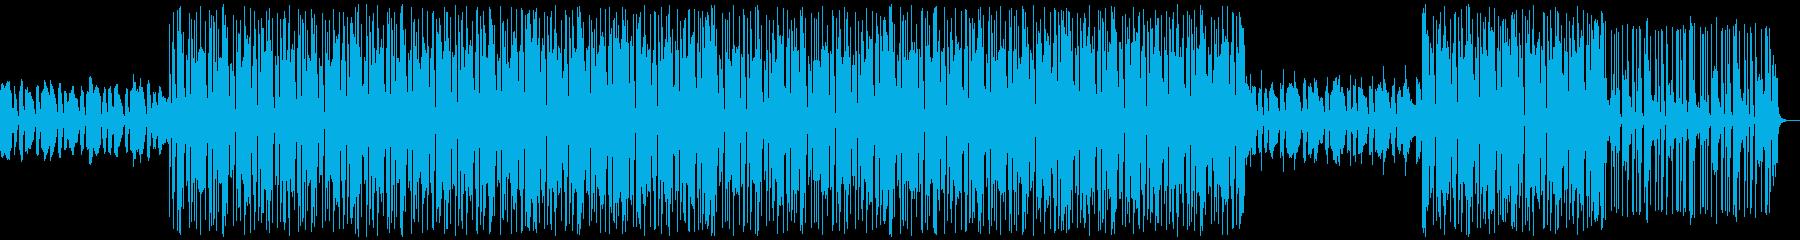 優しくReluxできるBGM[vlog]の再生済みの波形